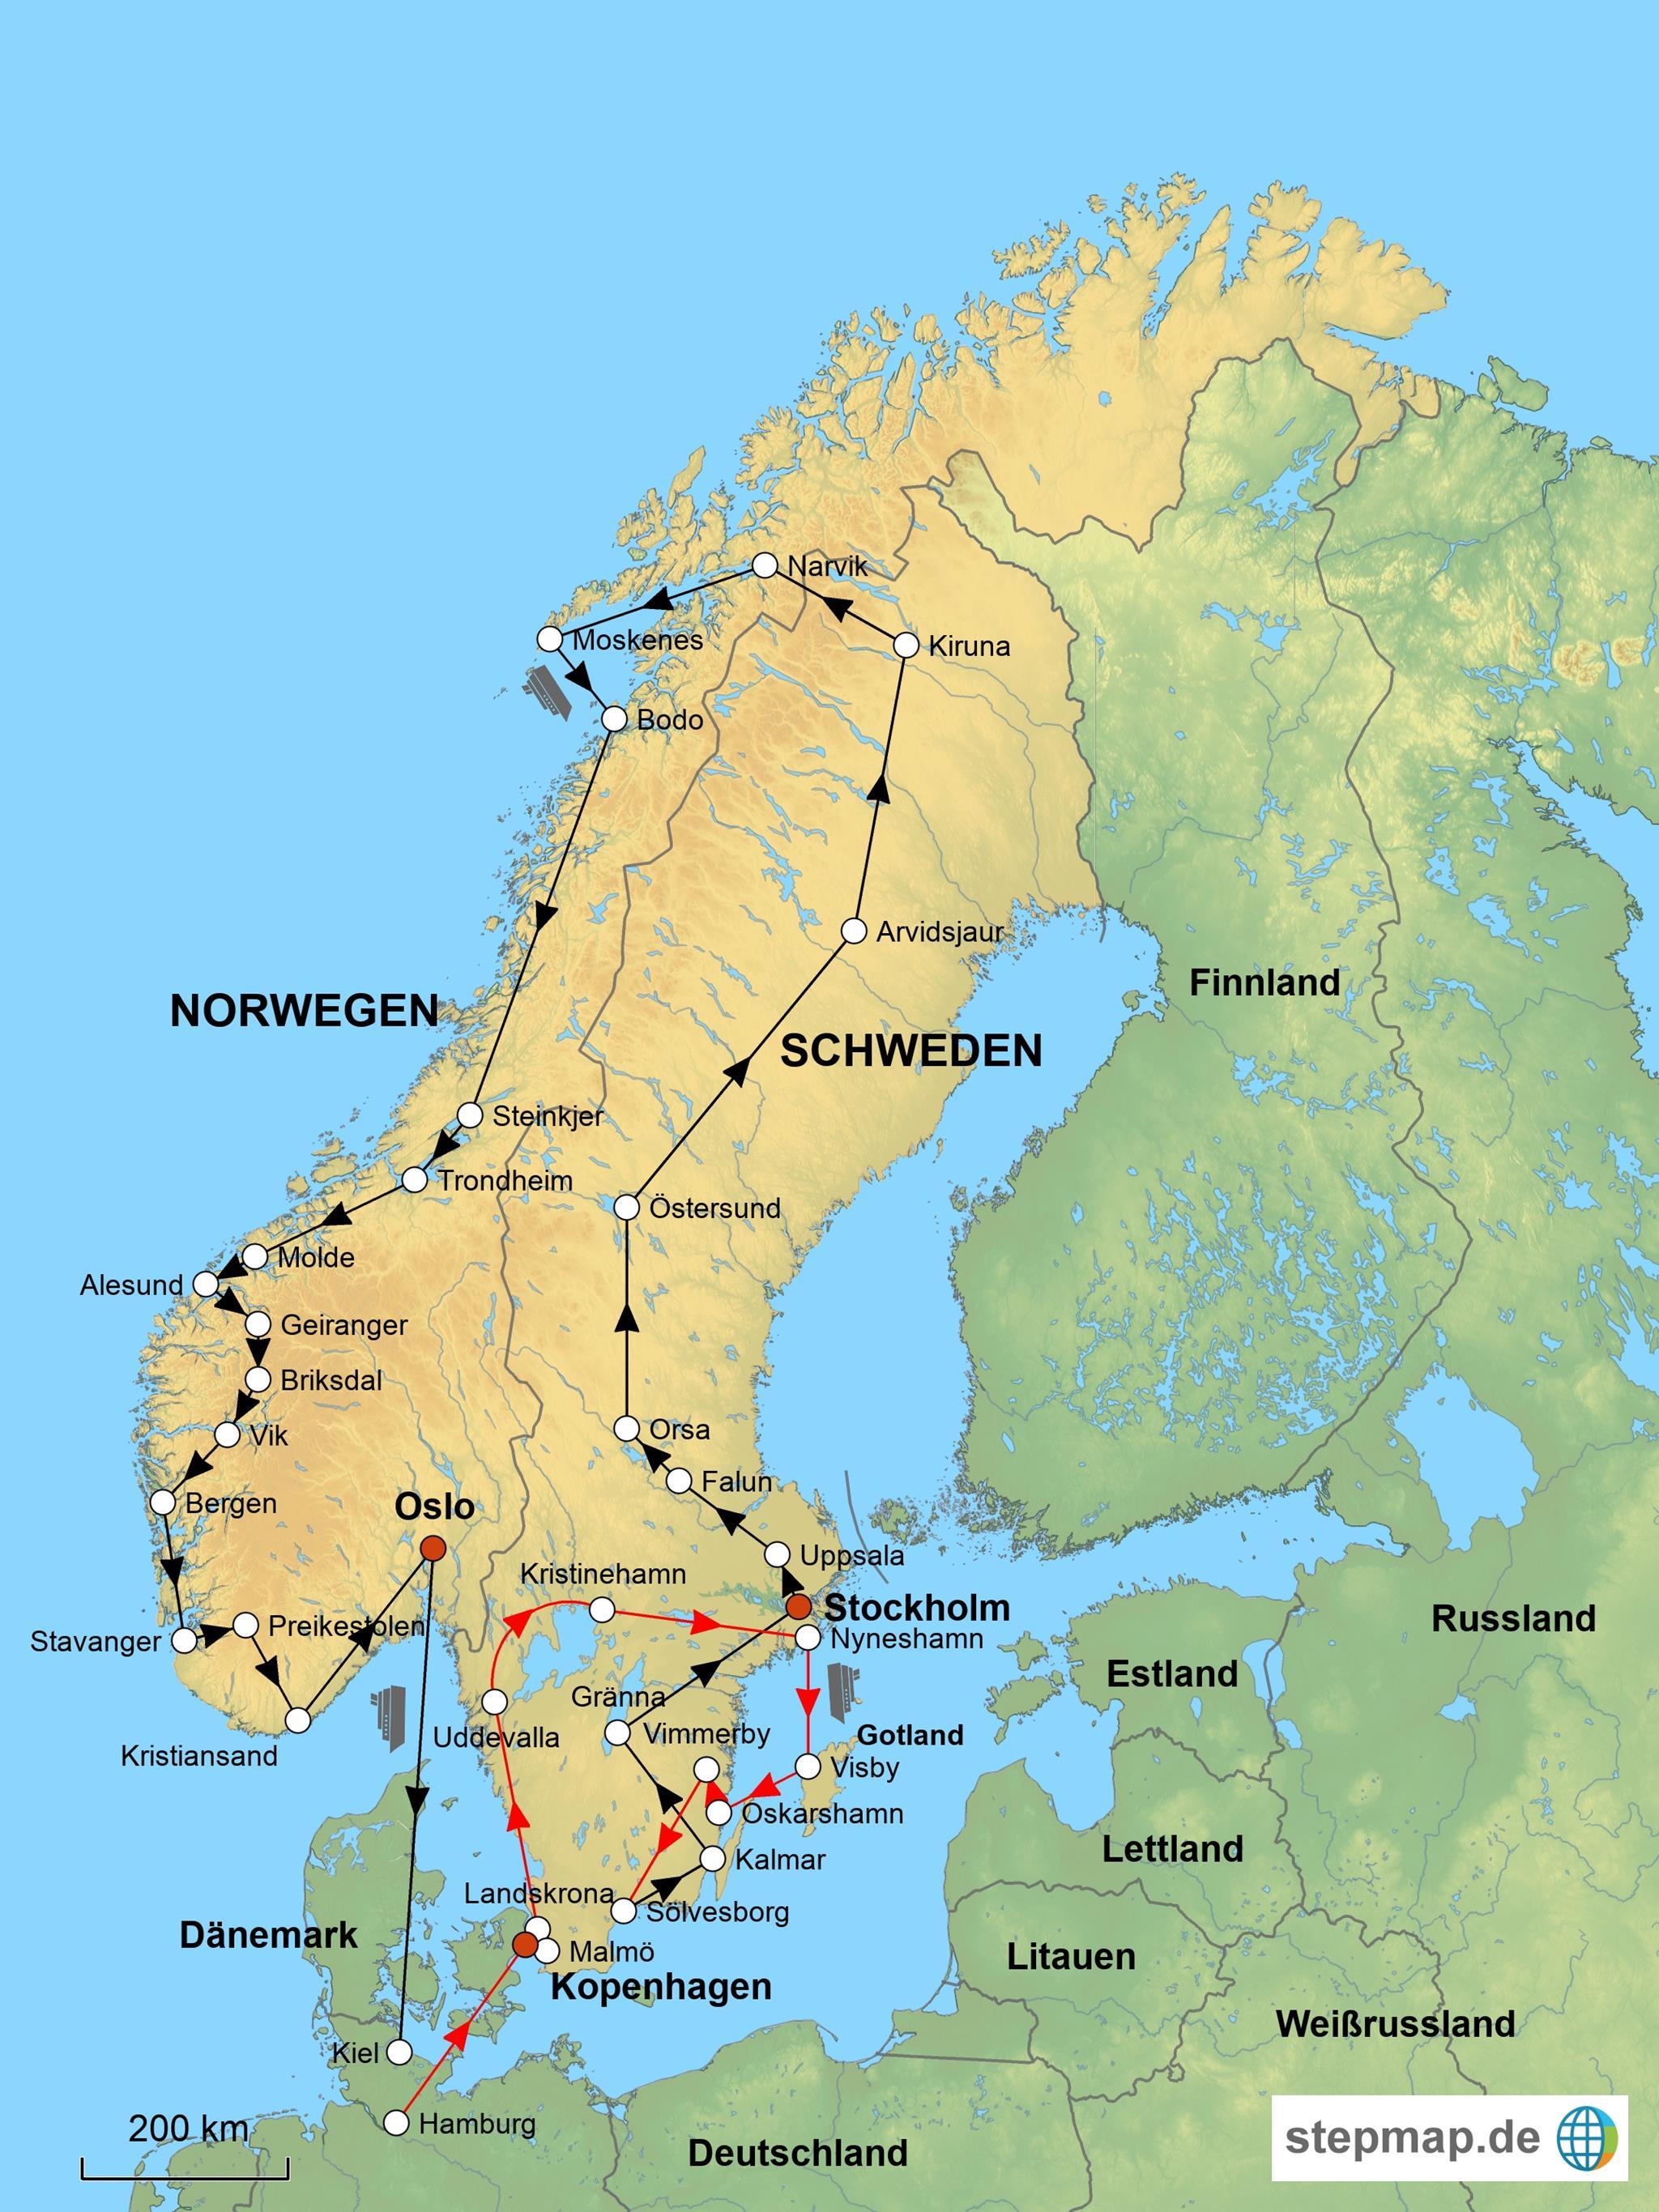 Karte Norwegen Schweden.Euratlas Periodis Web Karte Von Norwegen Schweden Im Jahre